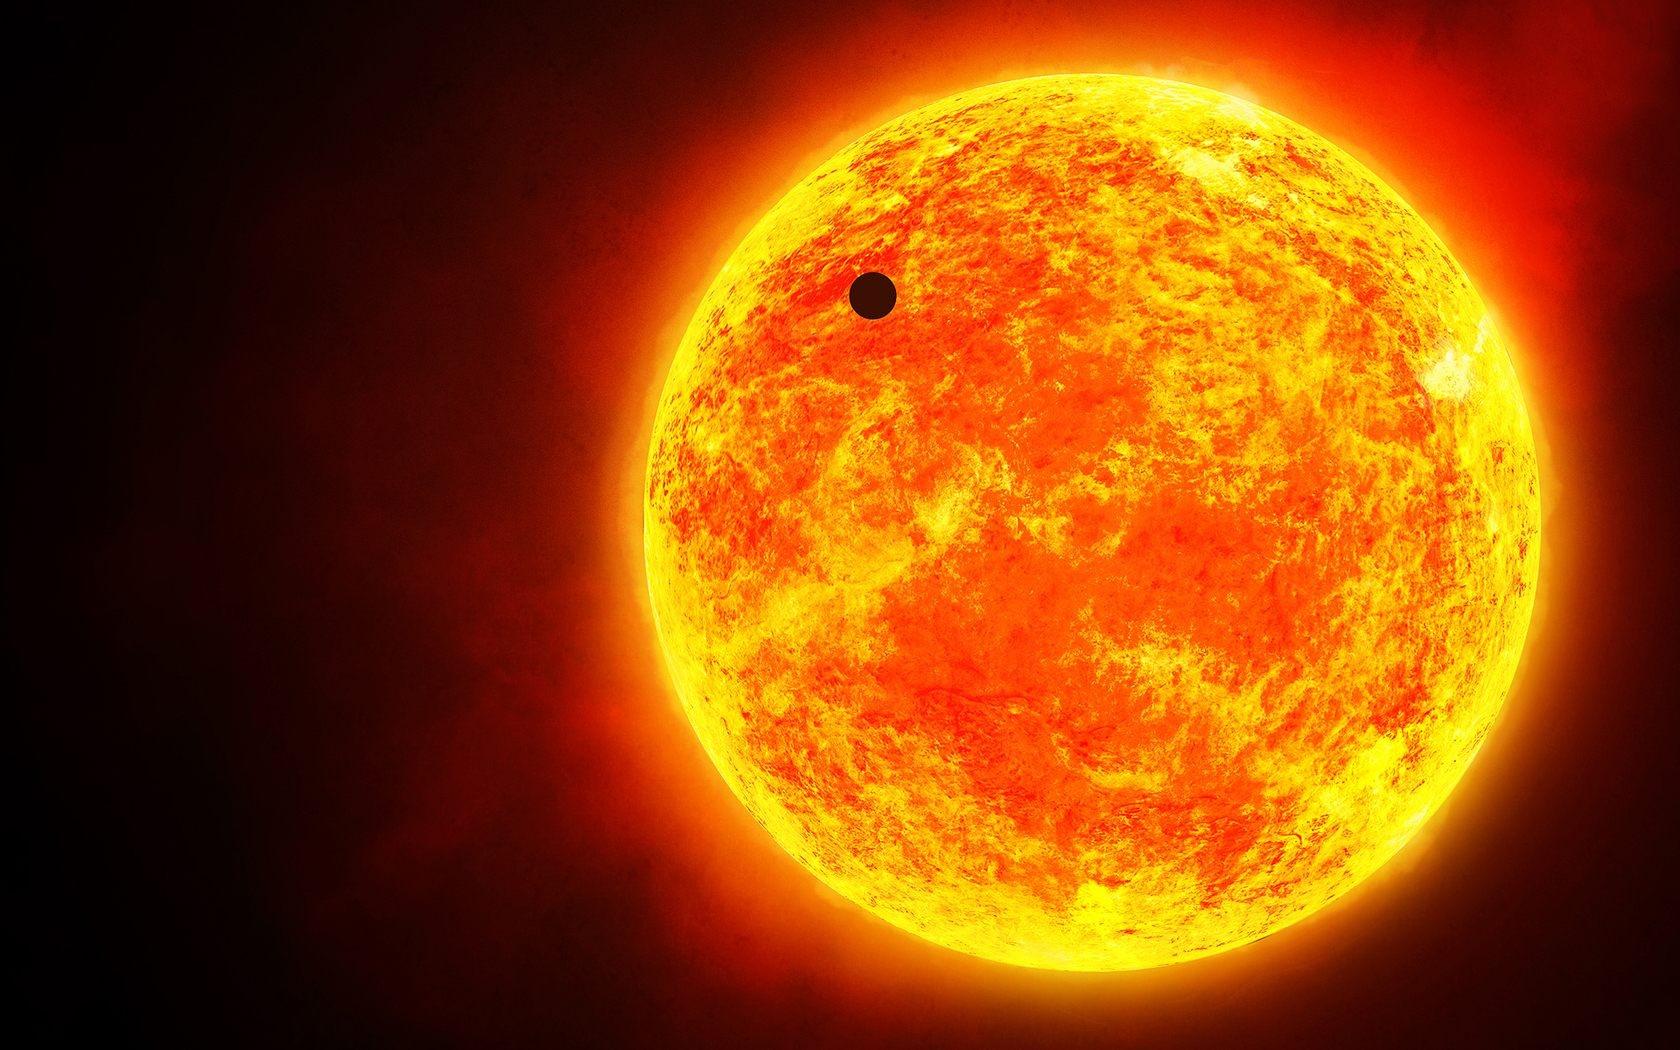 Один из 23 самых опасных объектов пробудился после 10-летнего сна: смертоносная Звезда уже возле Солнца